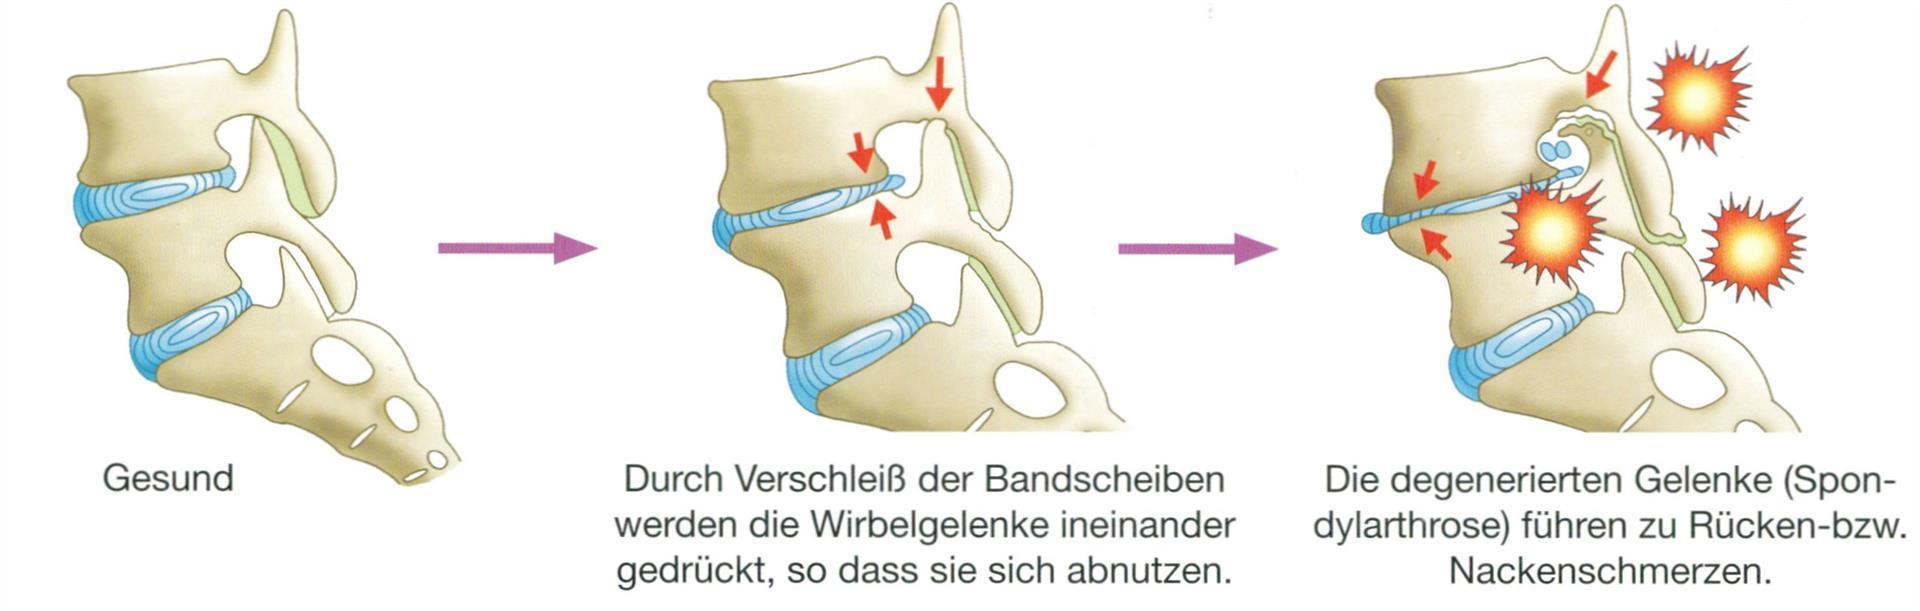 Ausgezeichnet Lws Bilder Ideen - Menschliche Anatomie Bilder ...